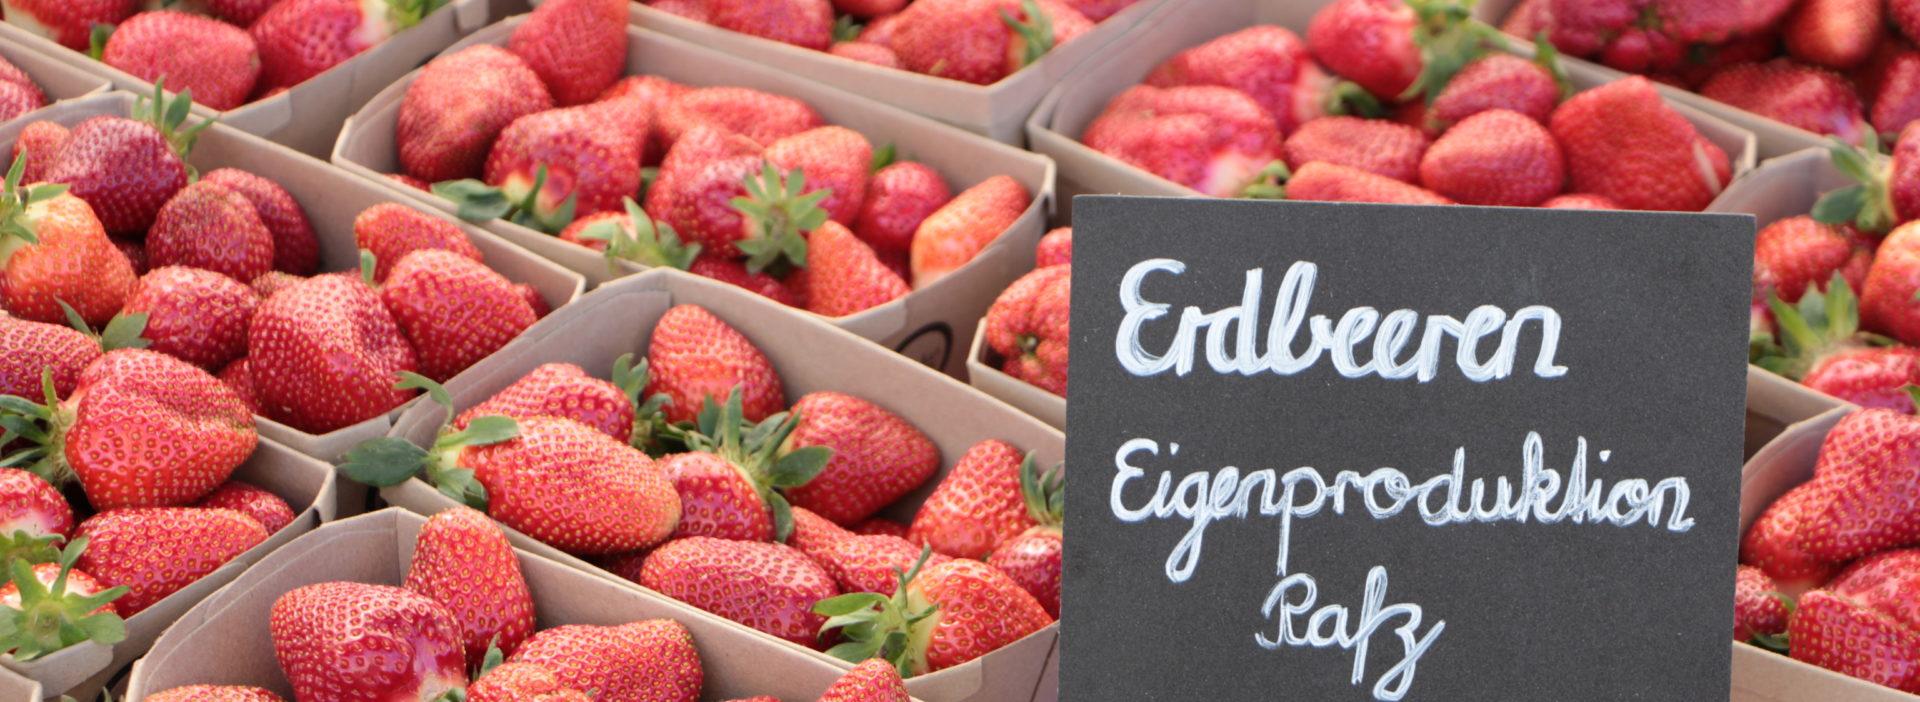 Erdbeeren Hofladen Juckerhof